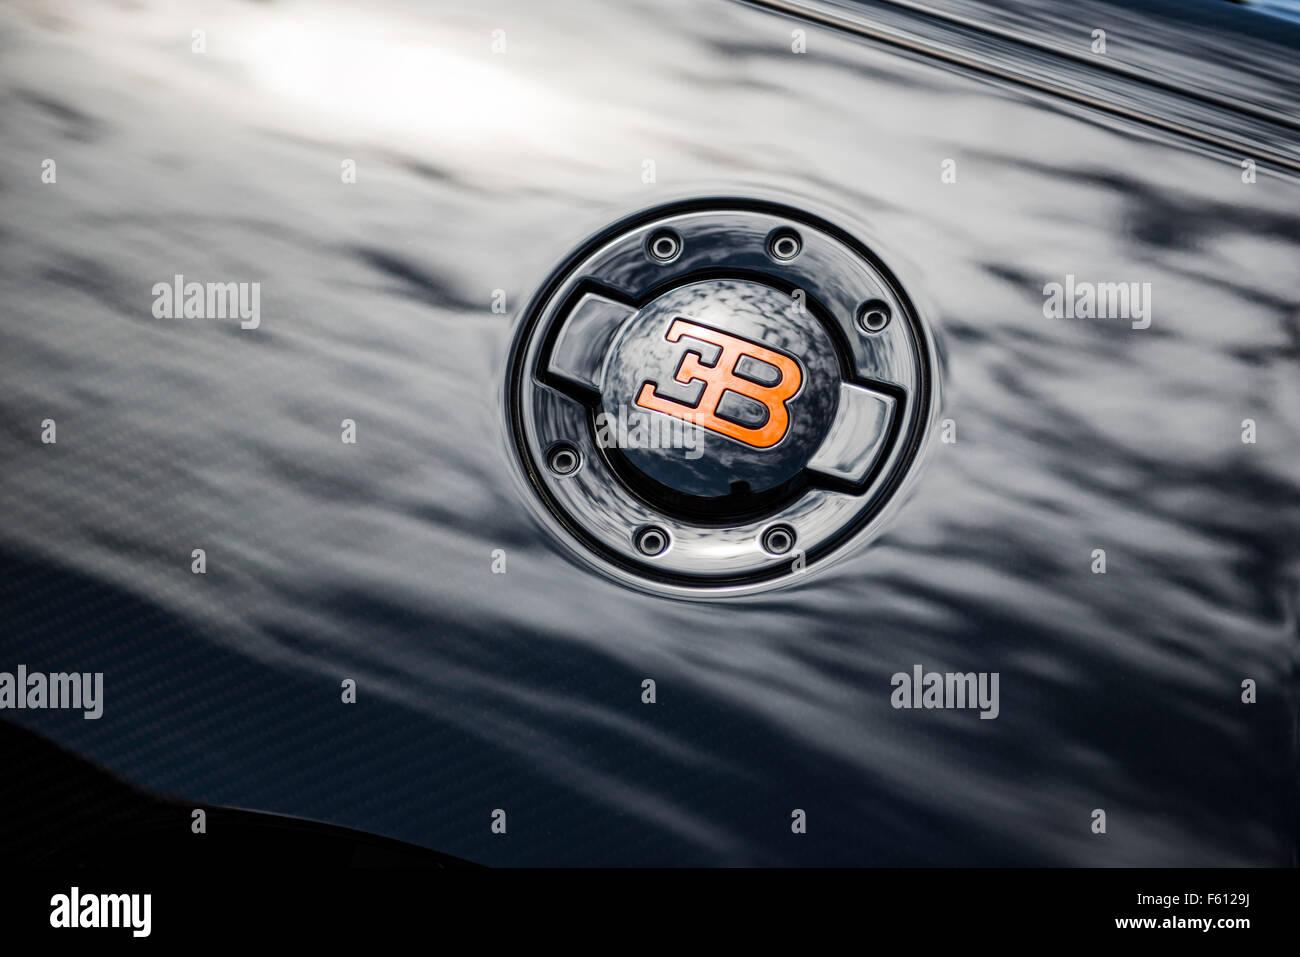 Bugatti Veyron Cerca Del Logotipo De Tapon De Llenado Foto Imagen